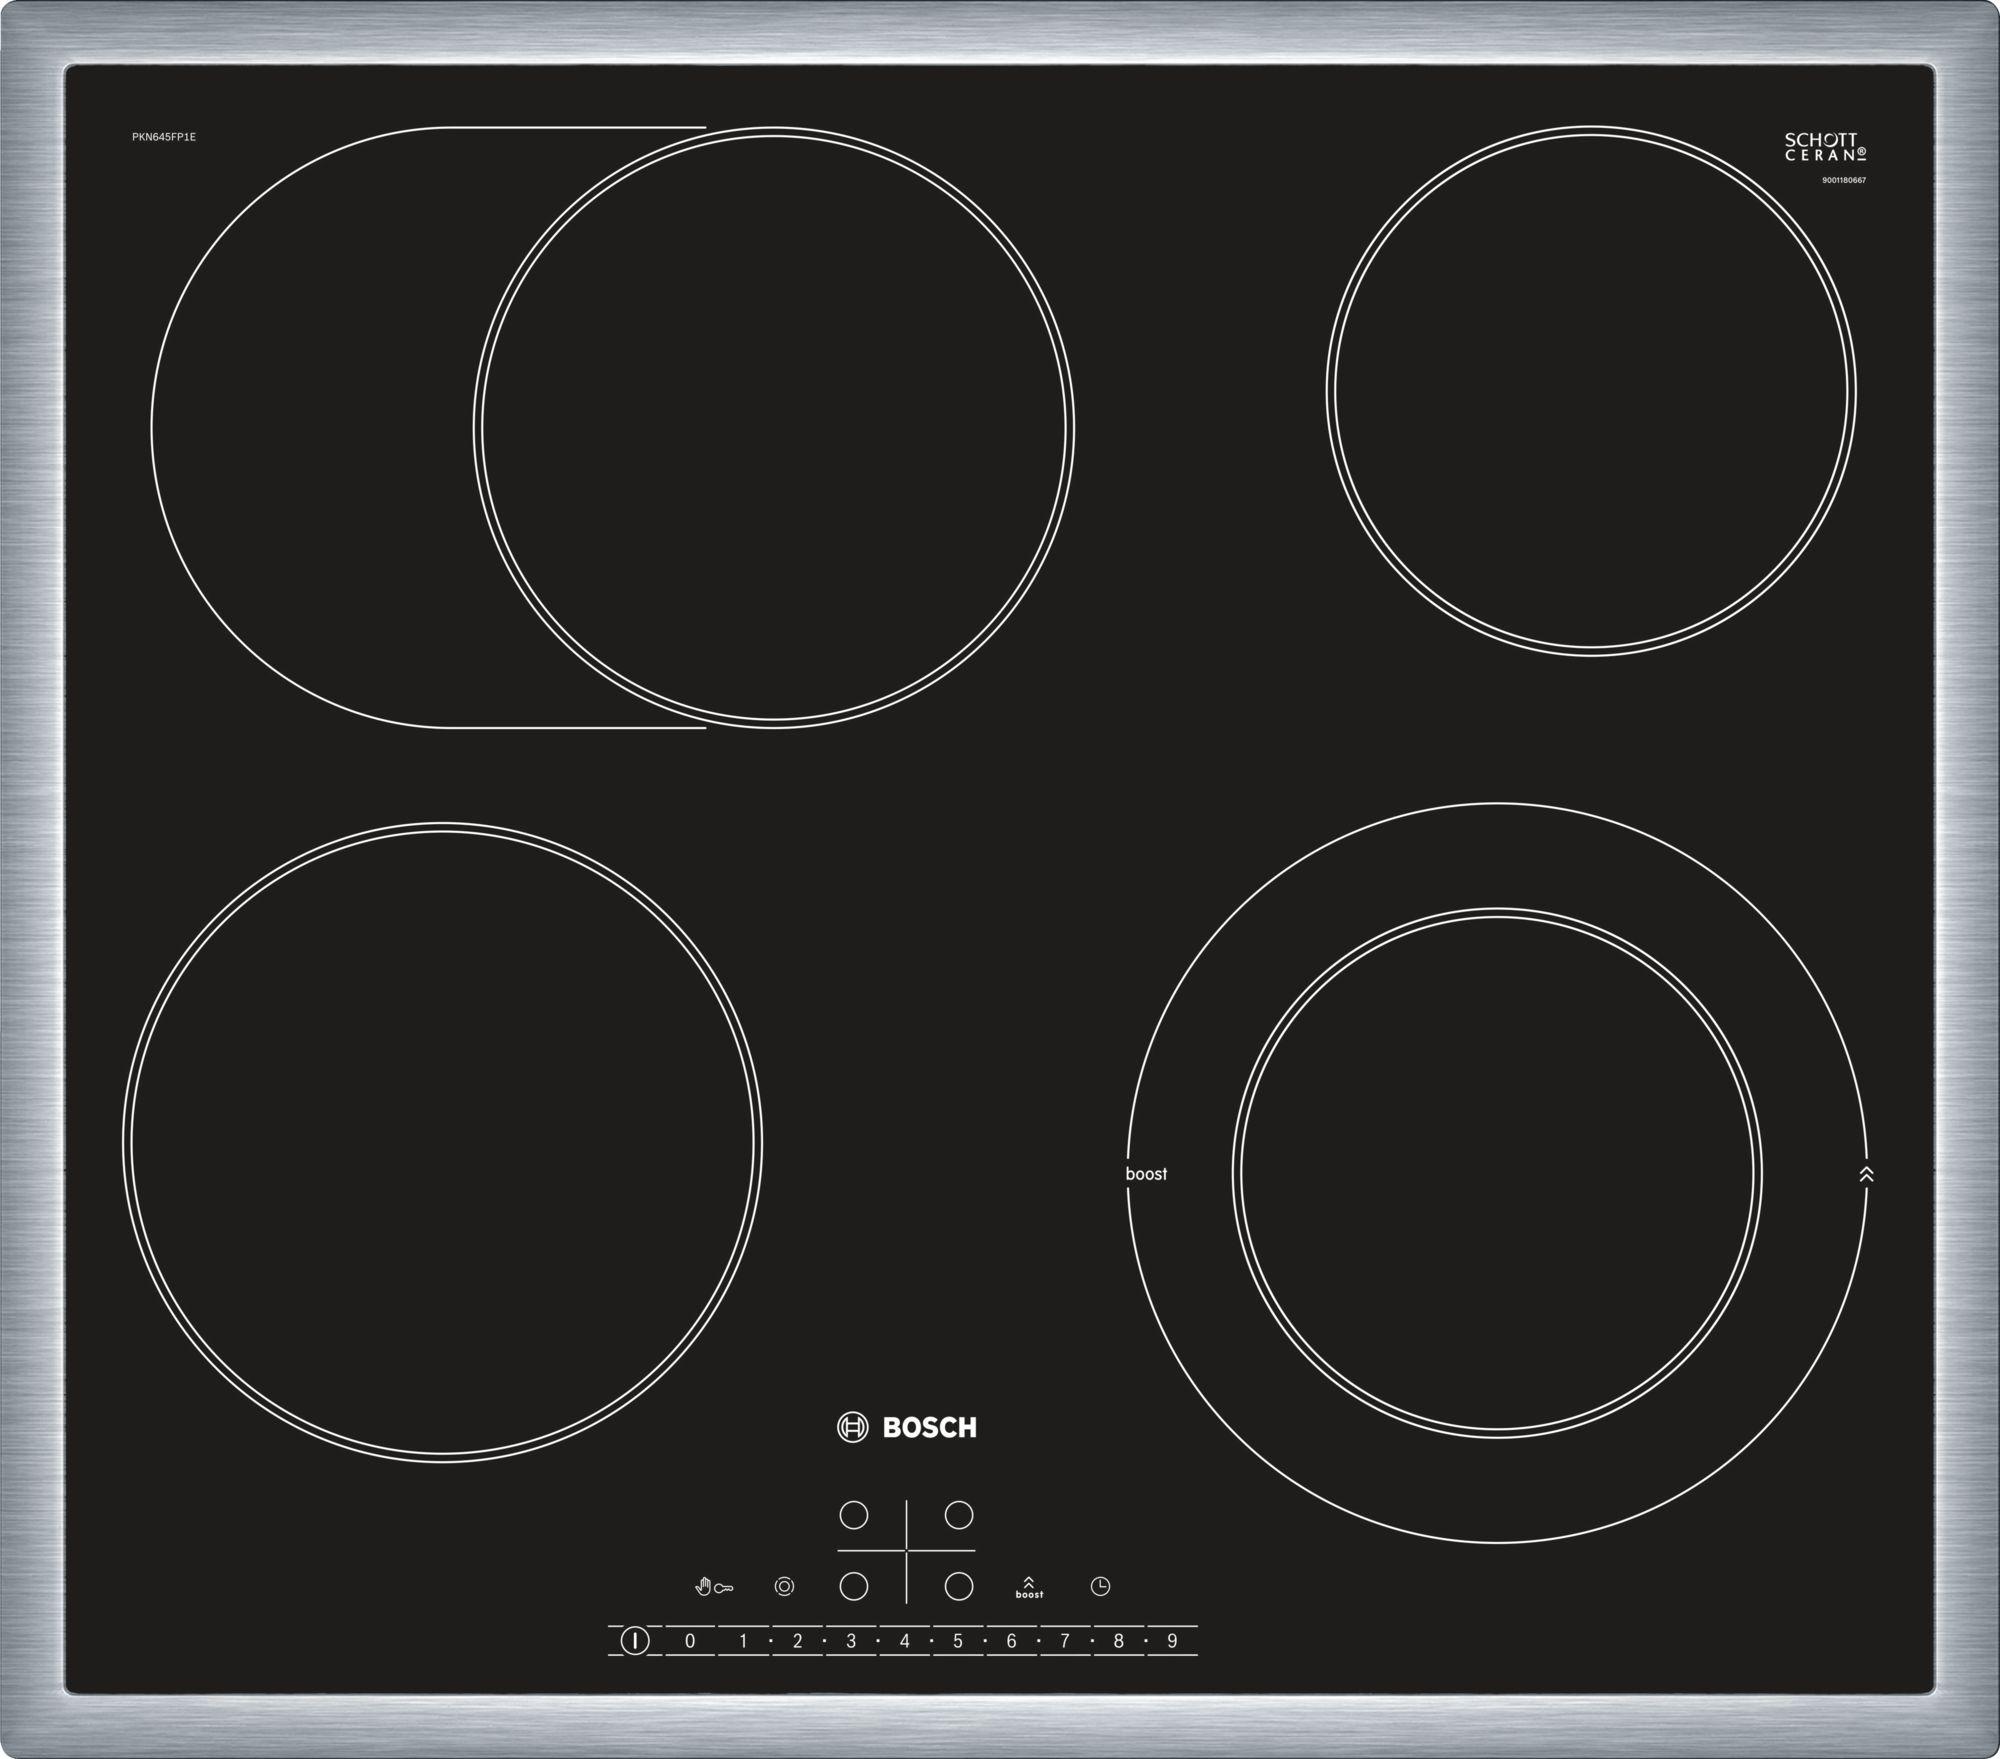 Serie | 6 staklokeramička ploča za kuvanje, 60 cm